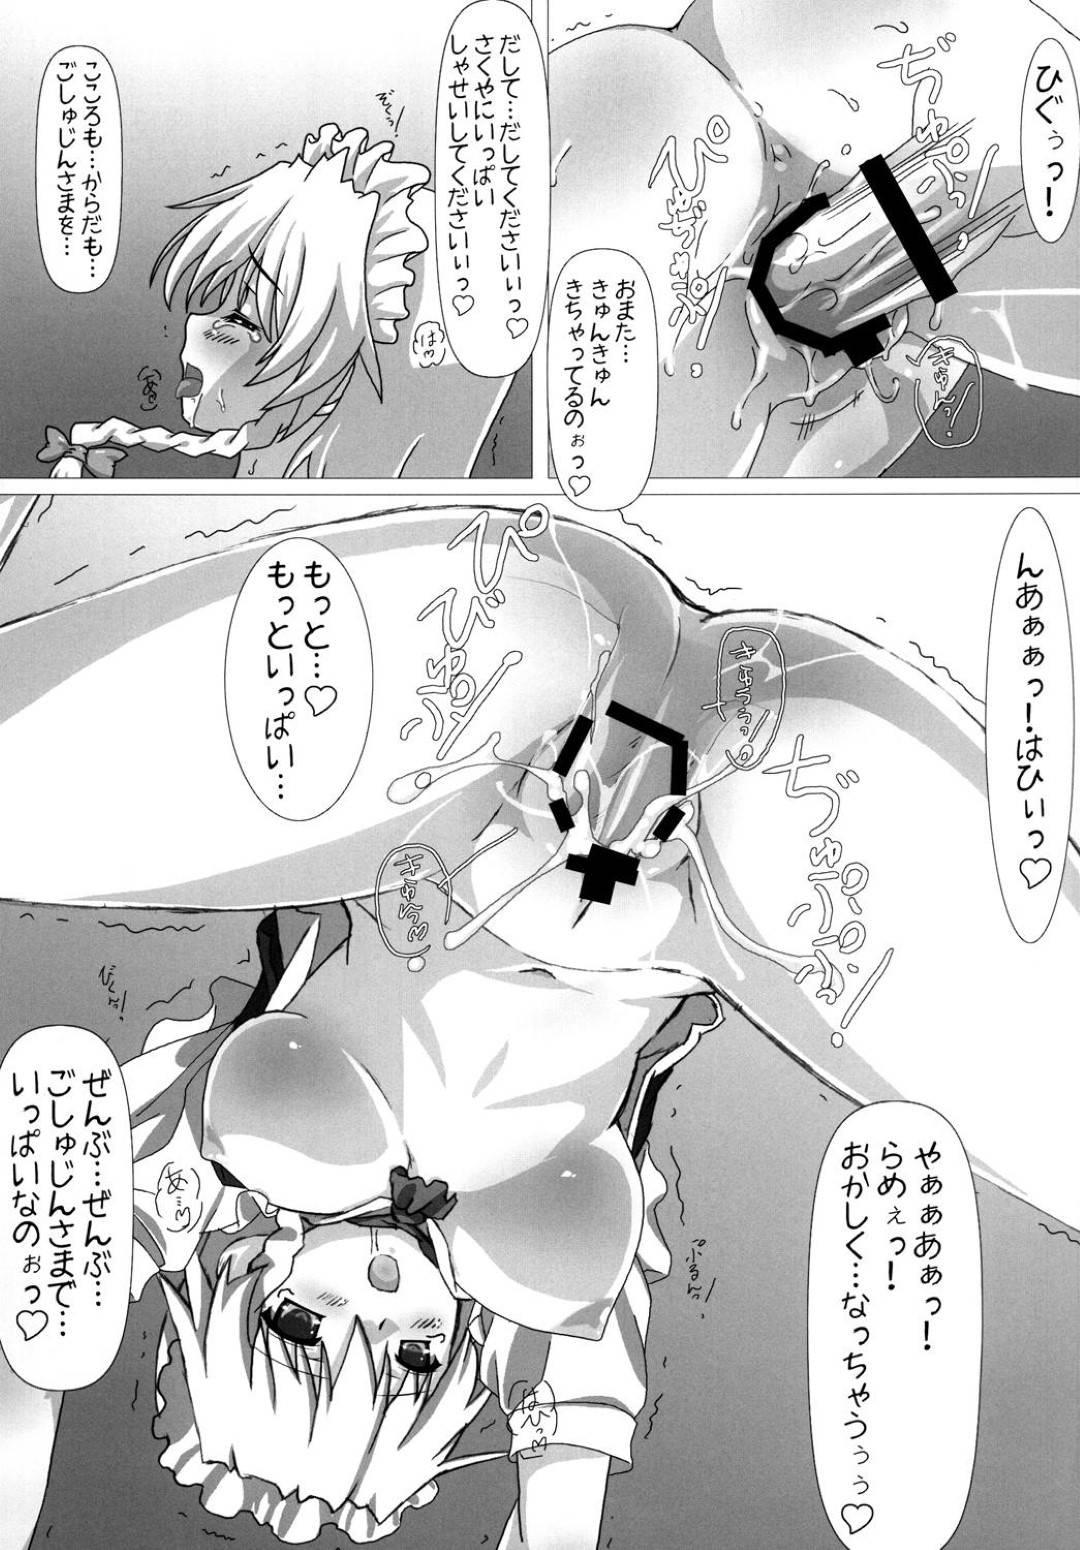 【エロ漫画】メイドとしてご主人さまの性処理を請け負うメイドの咲夜。すっかりオマンコが濡れ濡れ状態になった彼女は彼に挿入をおねだりし、正常位やバック、騎乗位など様々な体位で挿入されては中出しされてアクメ絶頂しまくる!